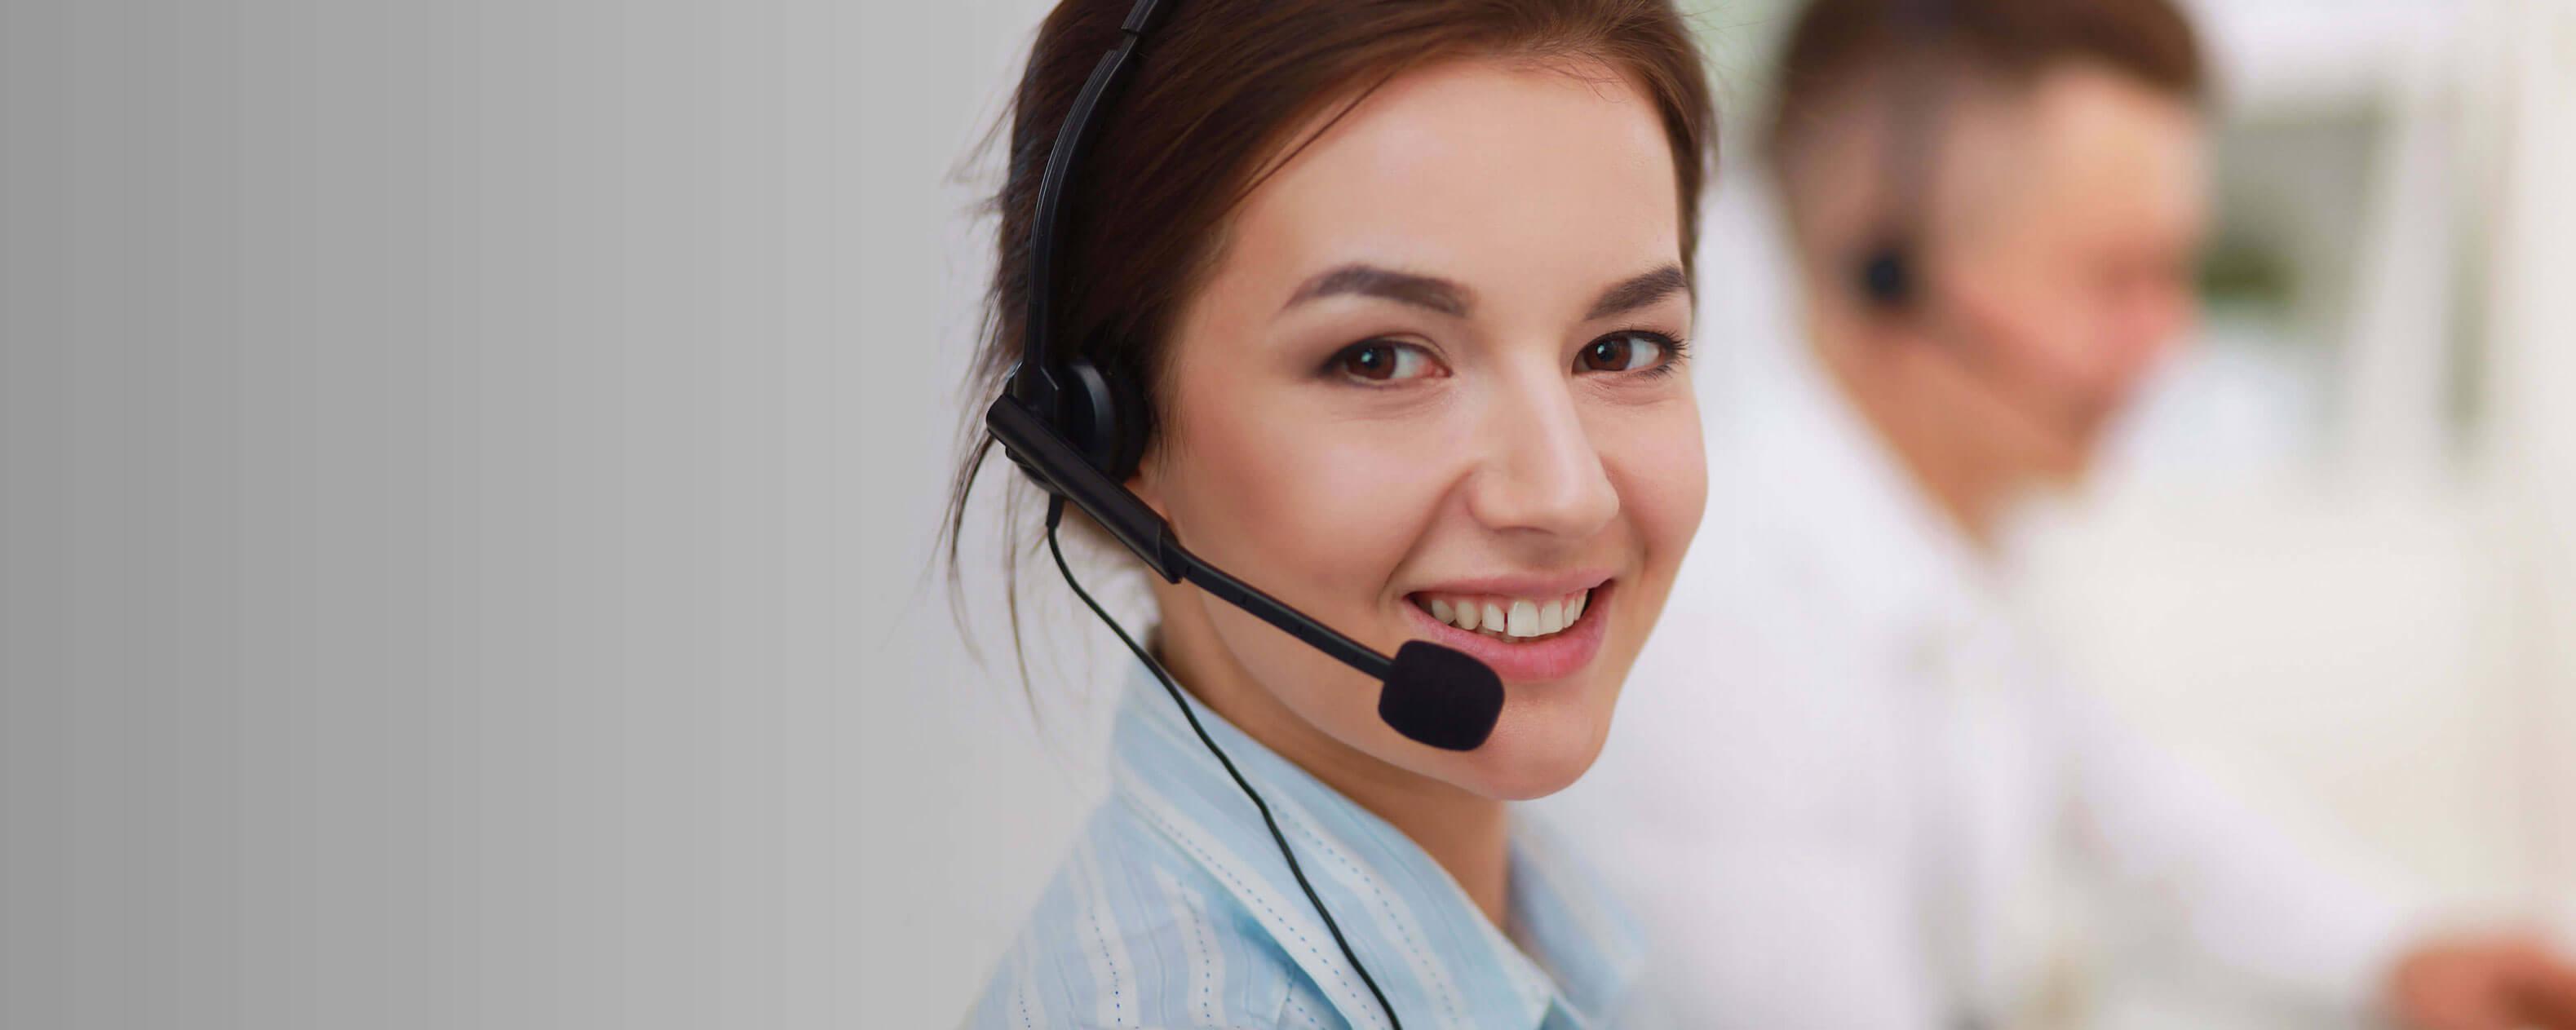 SERVICE CLIENT DISPONIBLE  24/24 ET 7 JOURS SUR 7